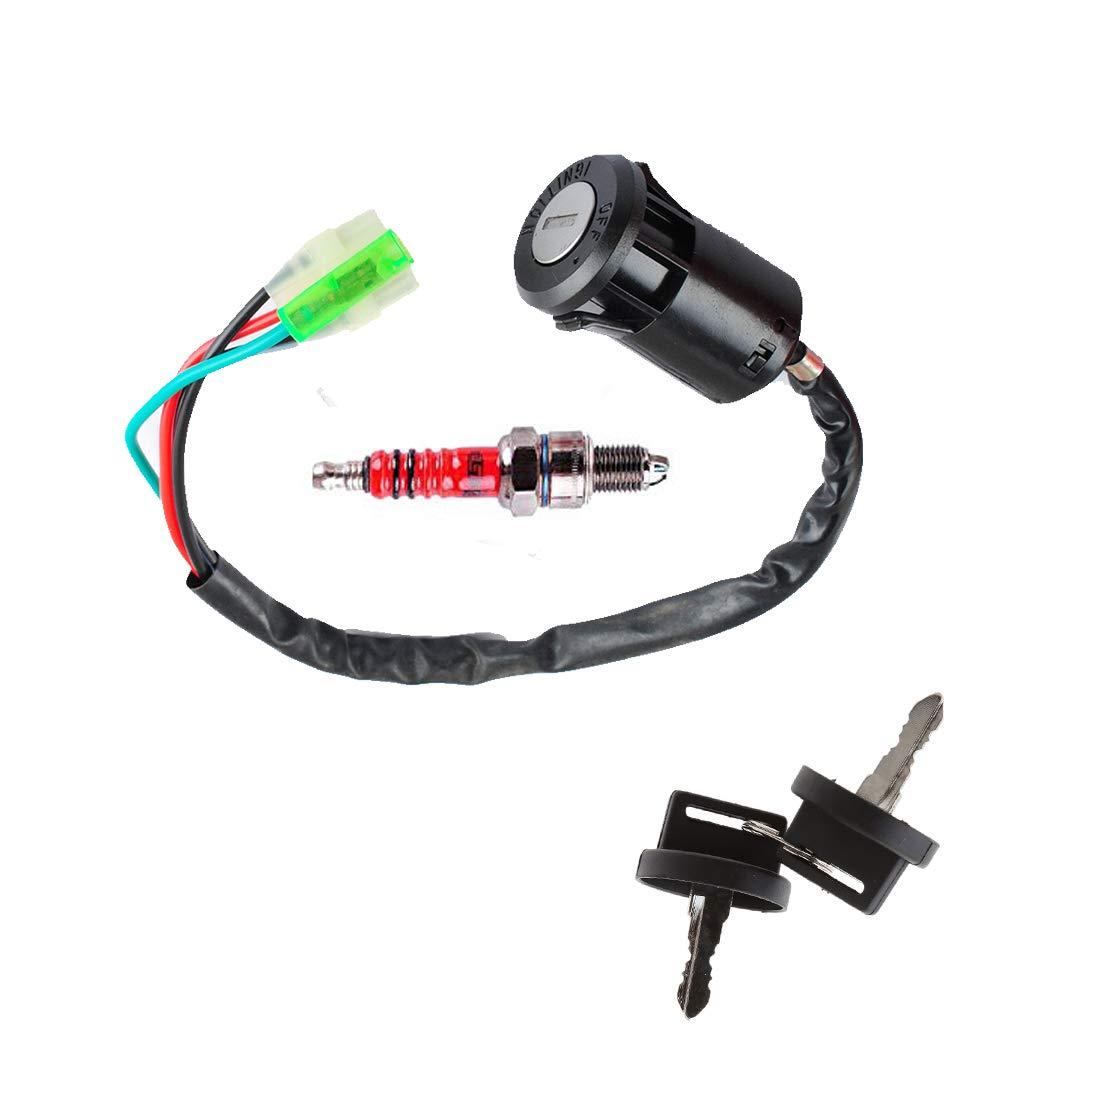 Swess TRX 400EX ATV Ignition Key Switch with Spark Plug Set for Honda 1999-2004 ATV